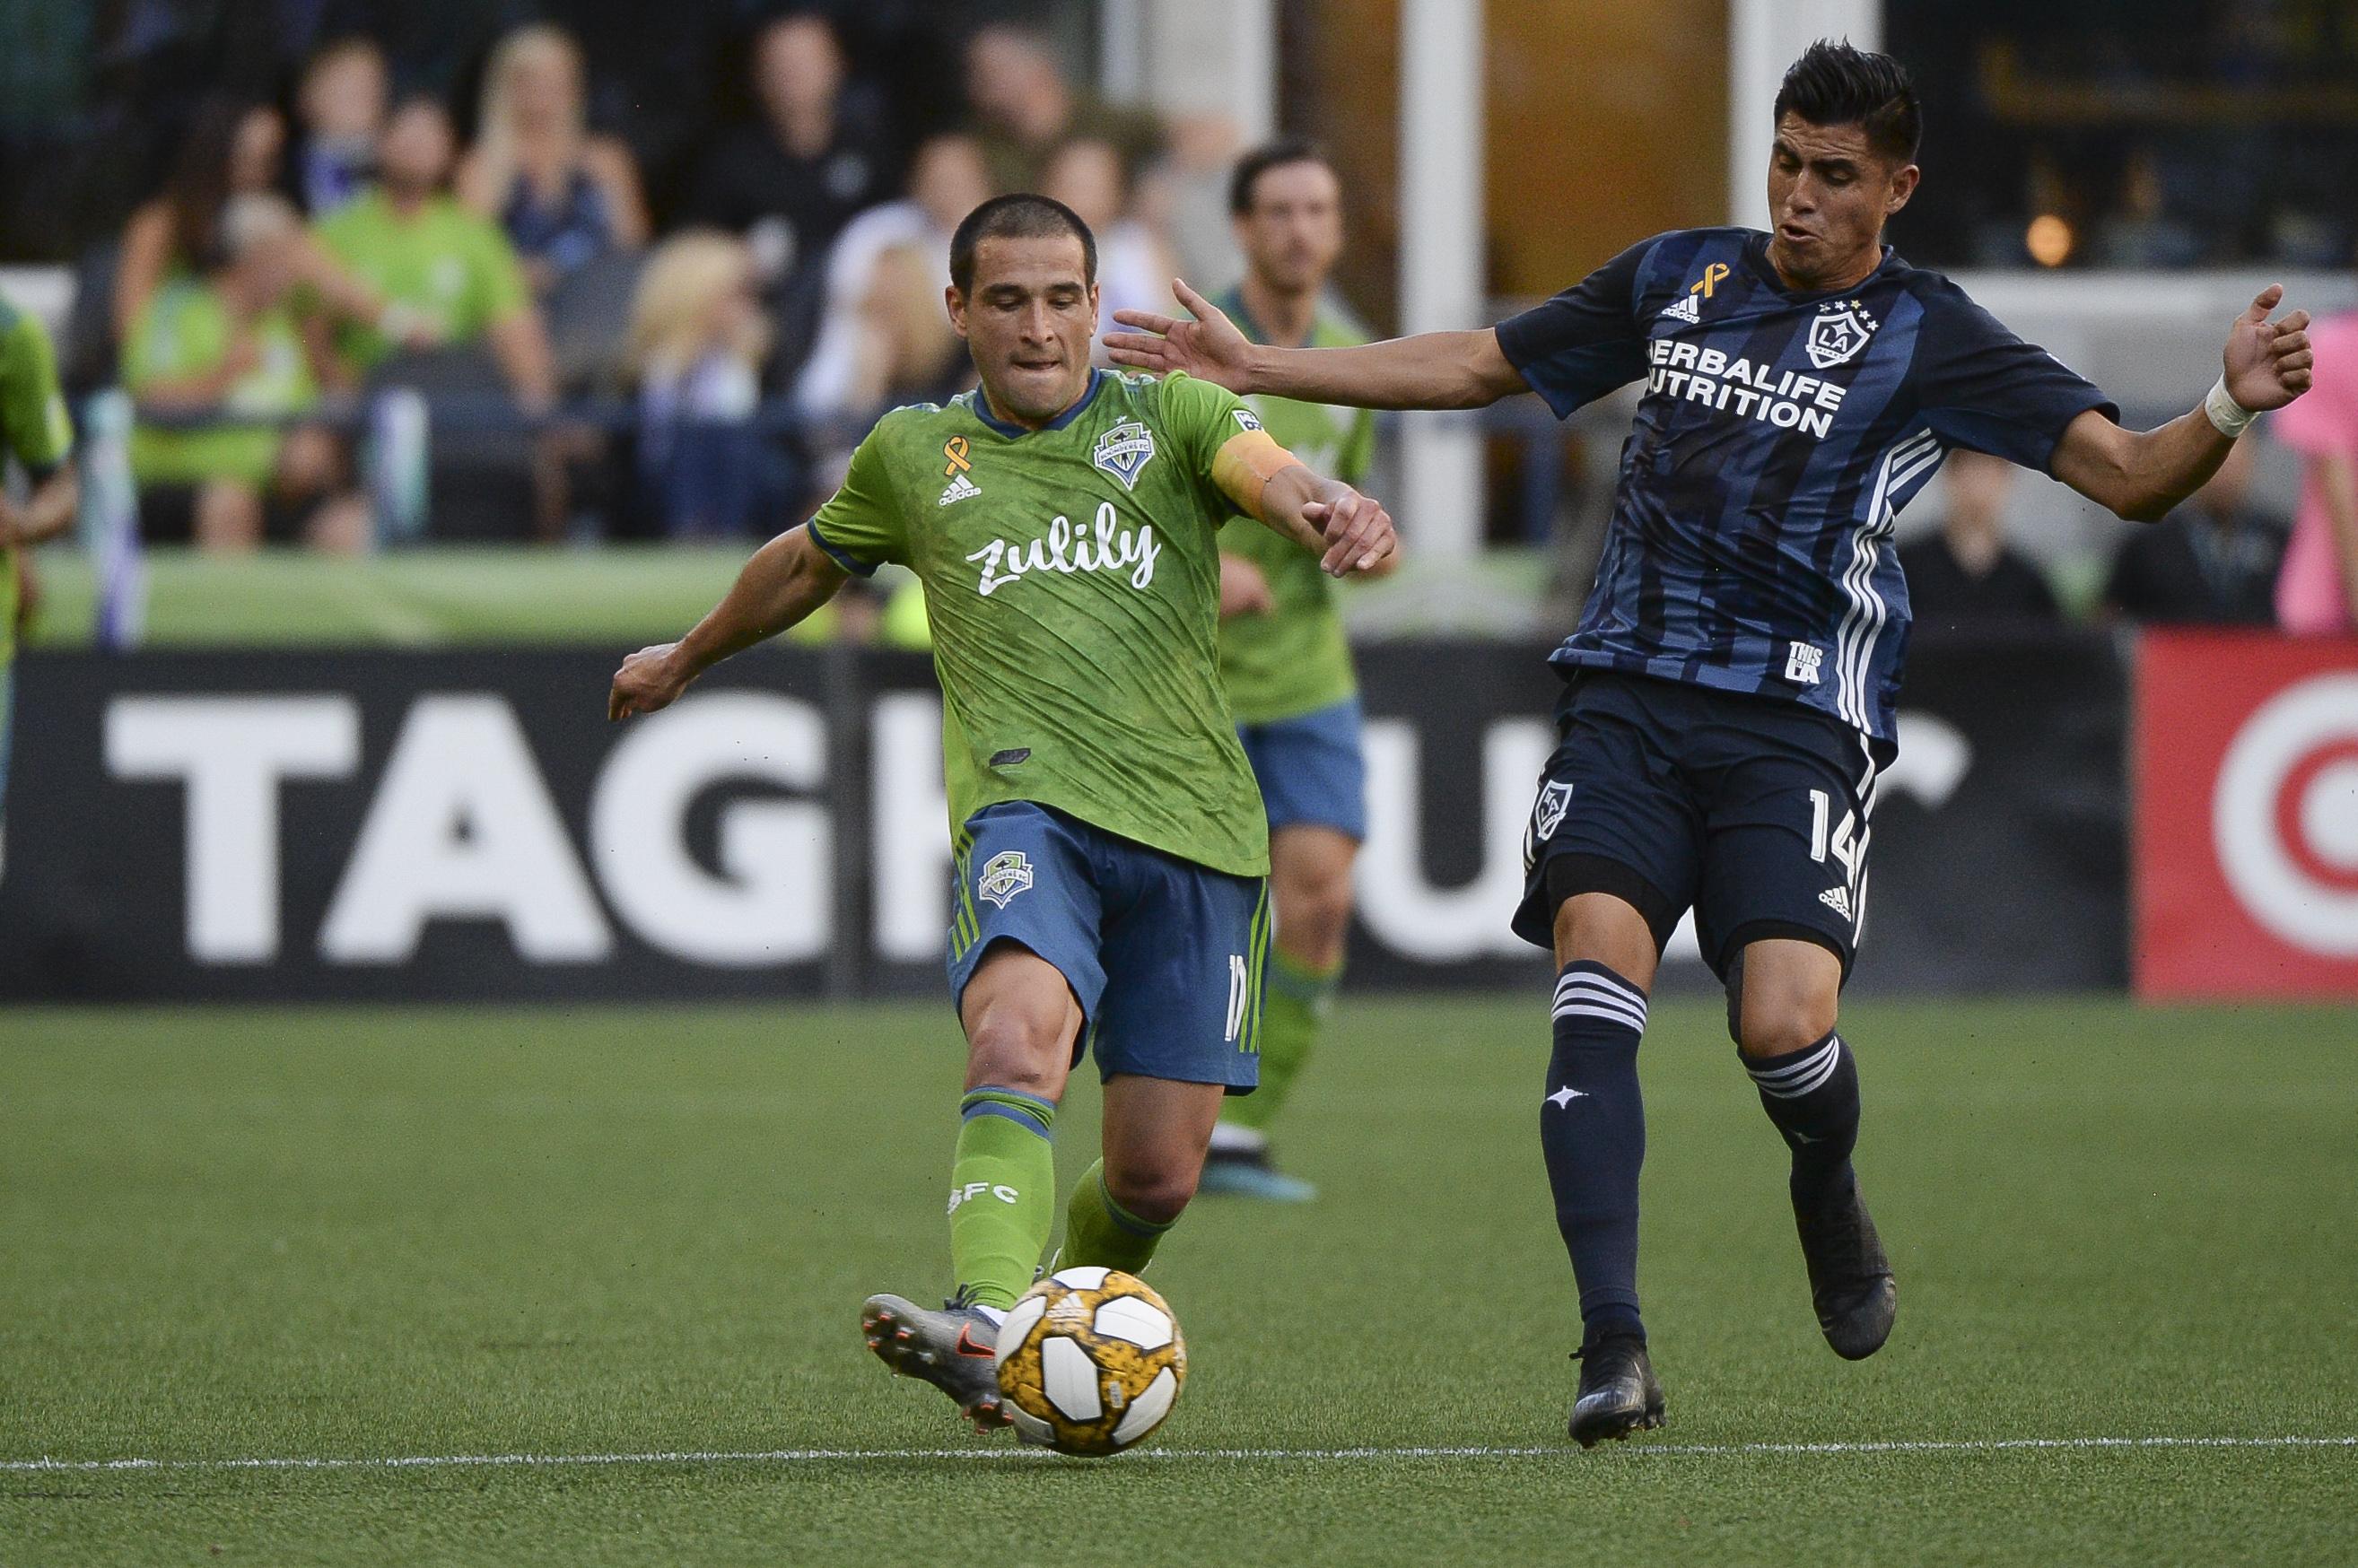 足球:01九月MLS  - 洛杉矶银河队在西雅图海湾FC